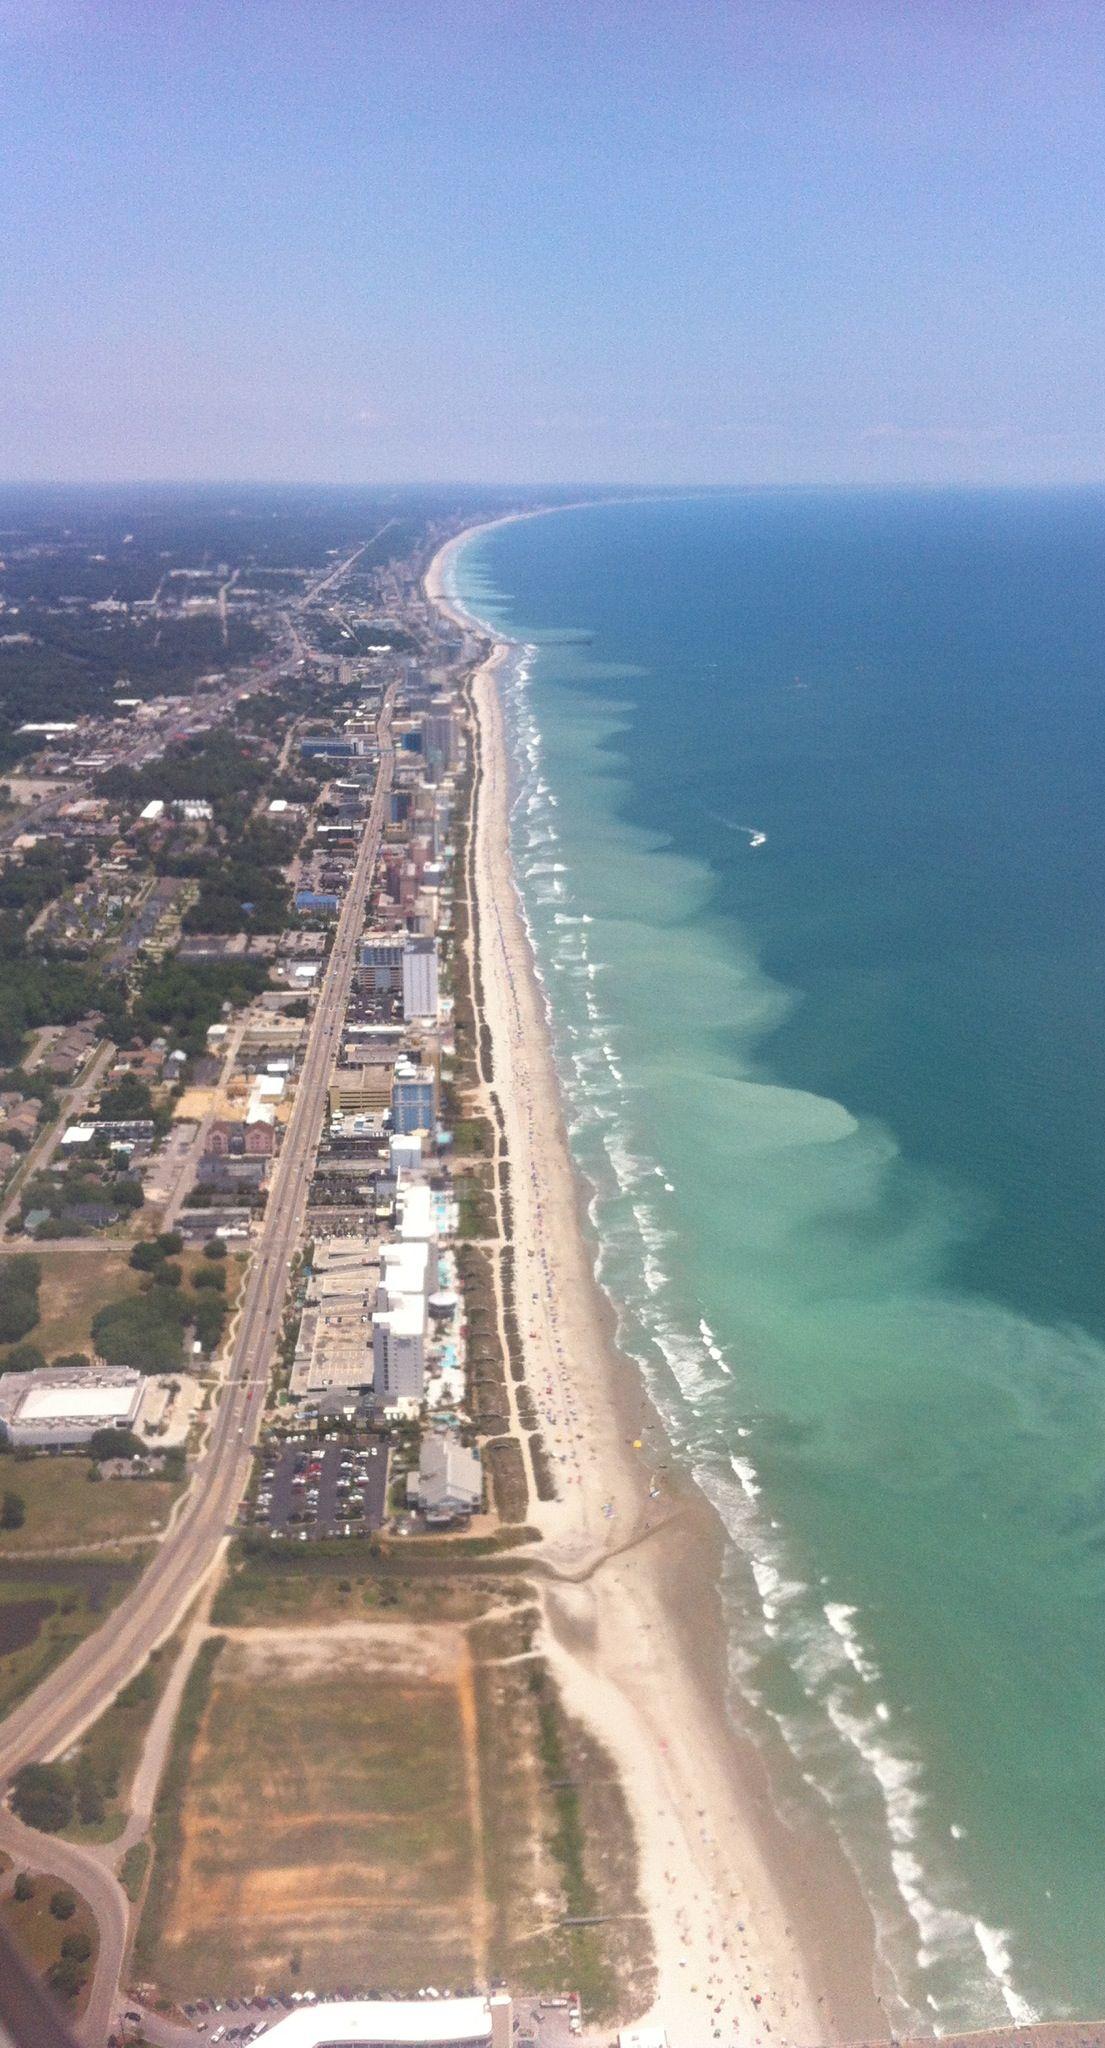 Myrtle Beach South Carolina: Myrtle Beach Area, Beautiful